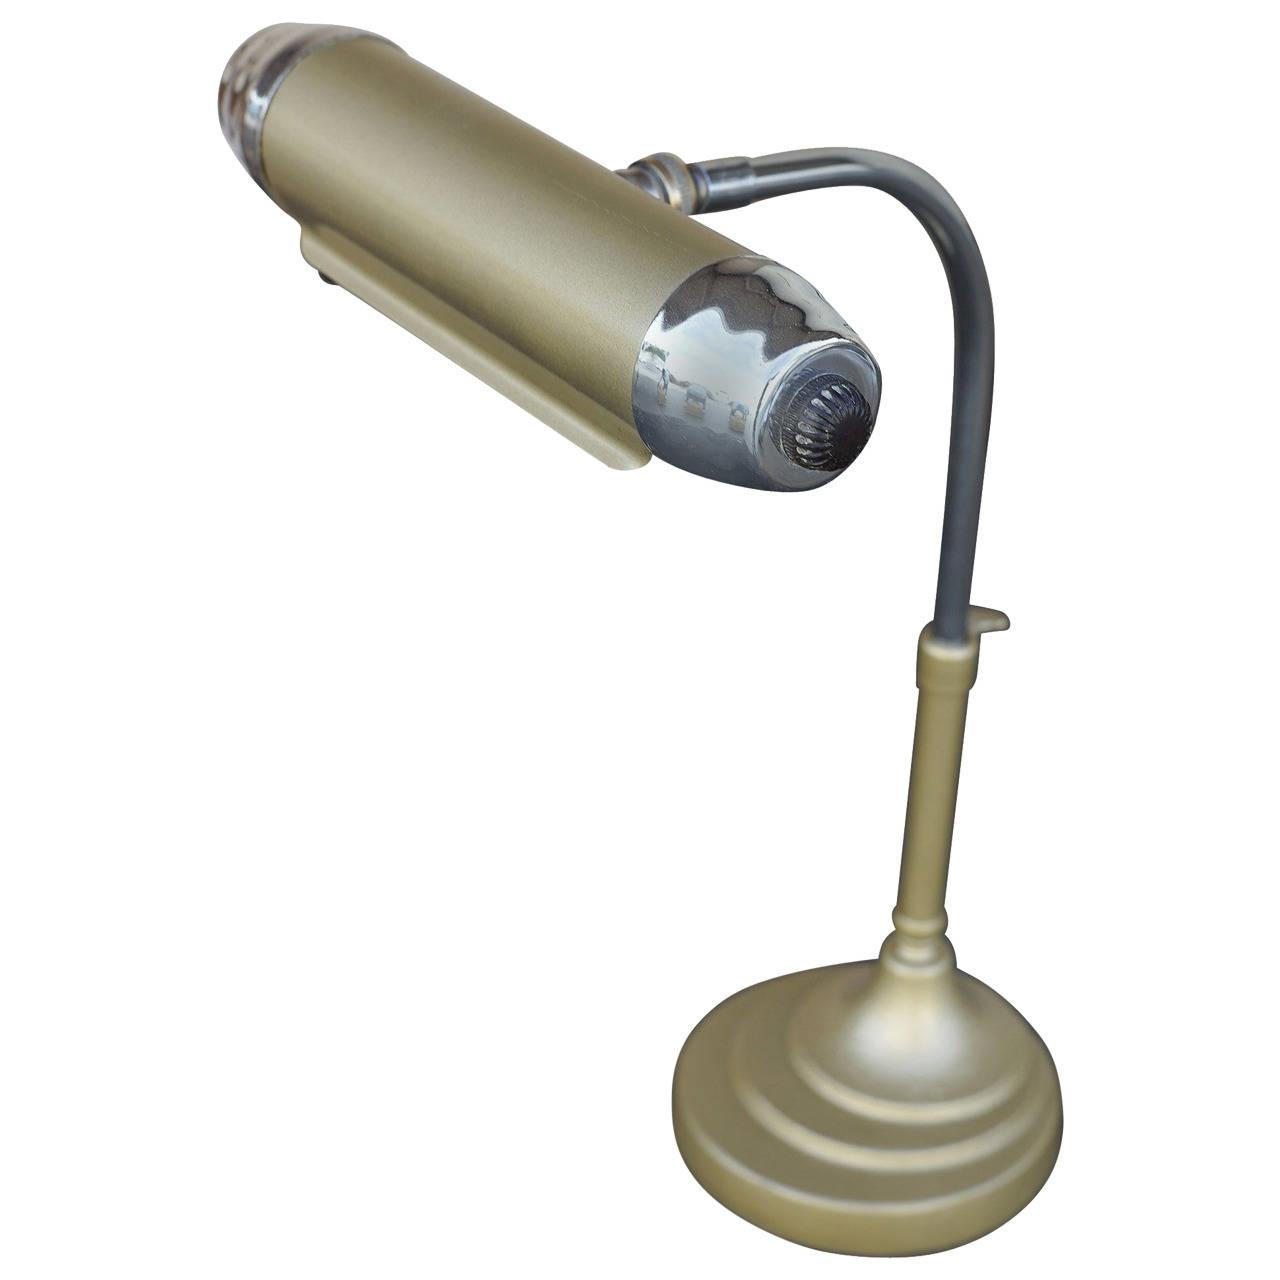 Art Deco Enamel and Chromium Streamline Desk Lamp